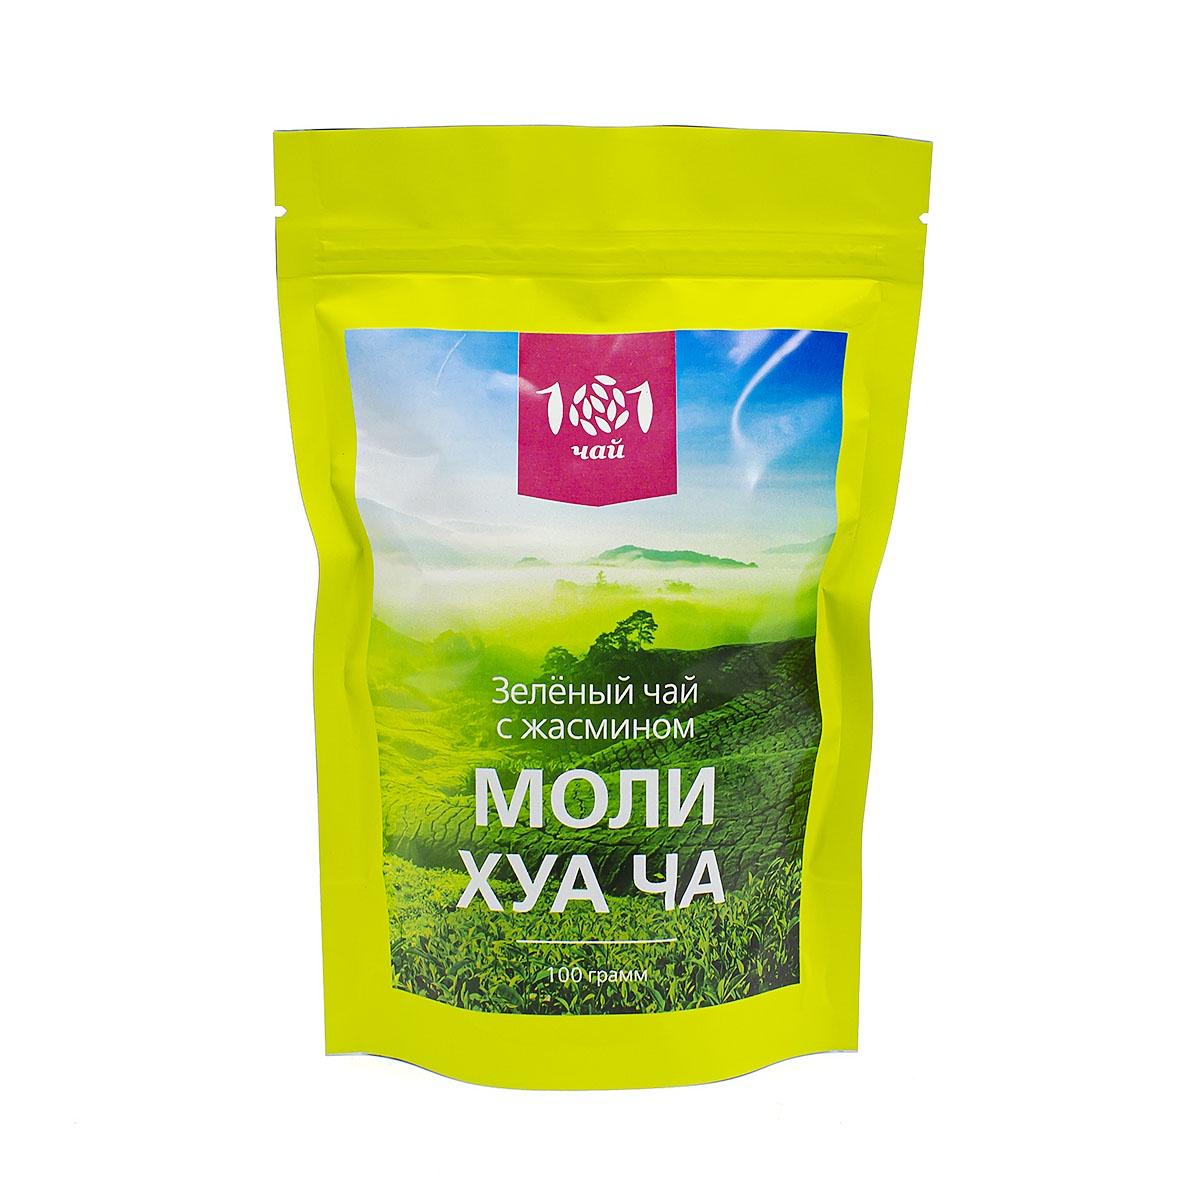 Чай листовой 101 чай зеленый Моли Хуа Ча (Классический с жасмином), 100 г